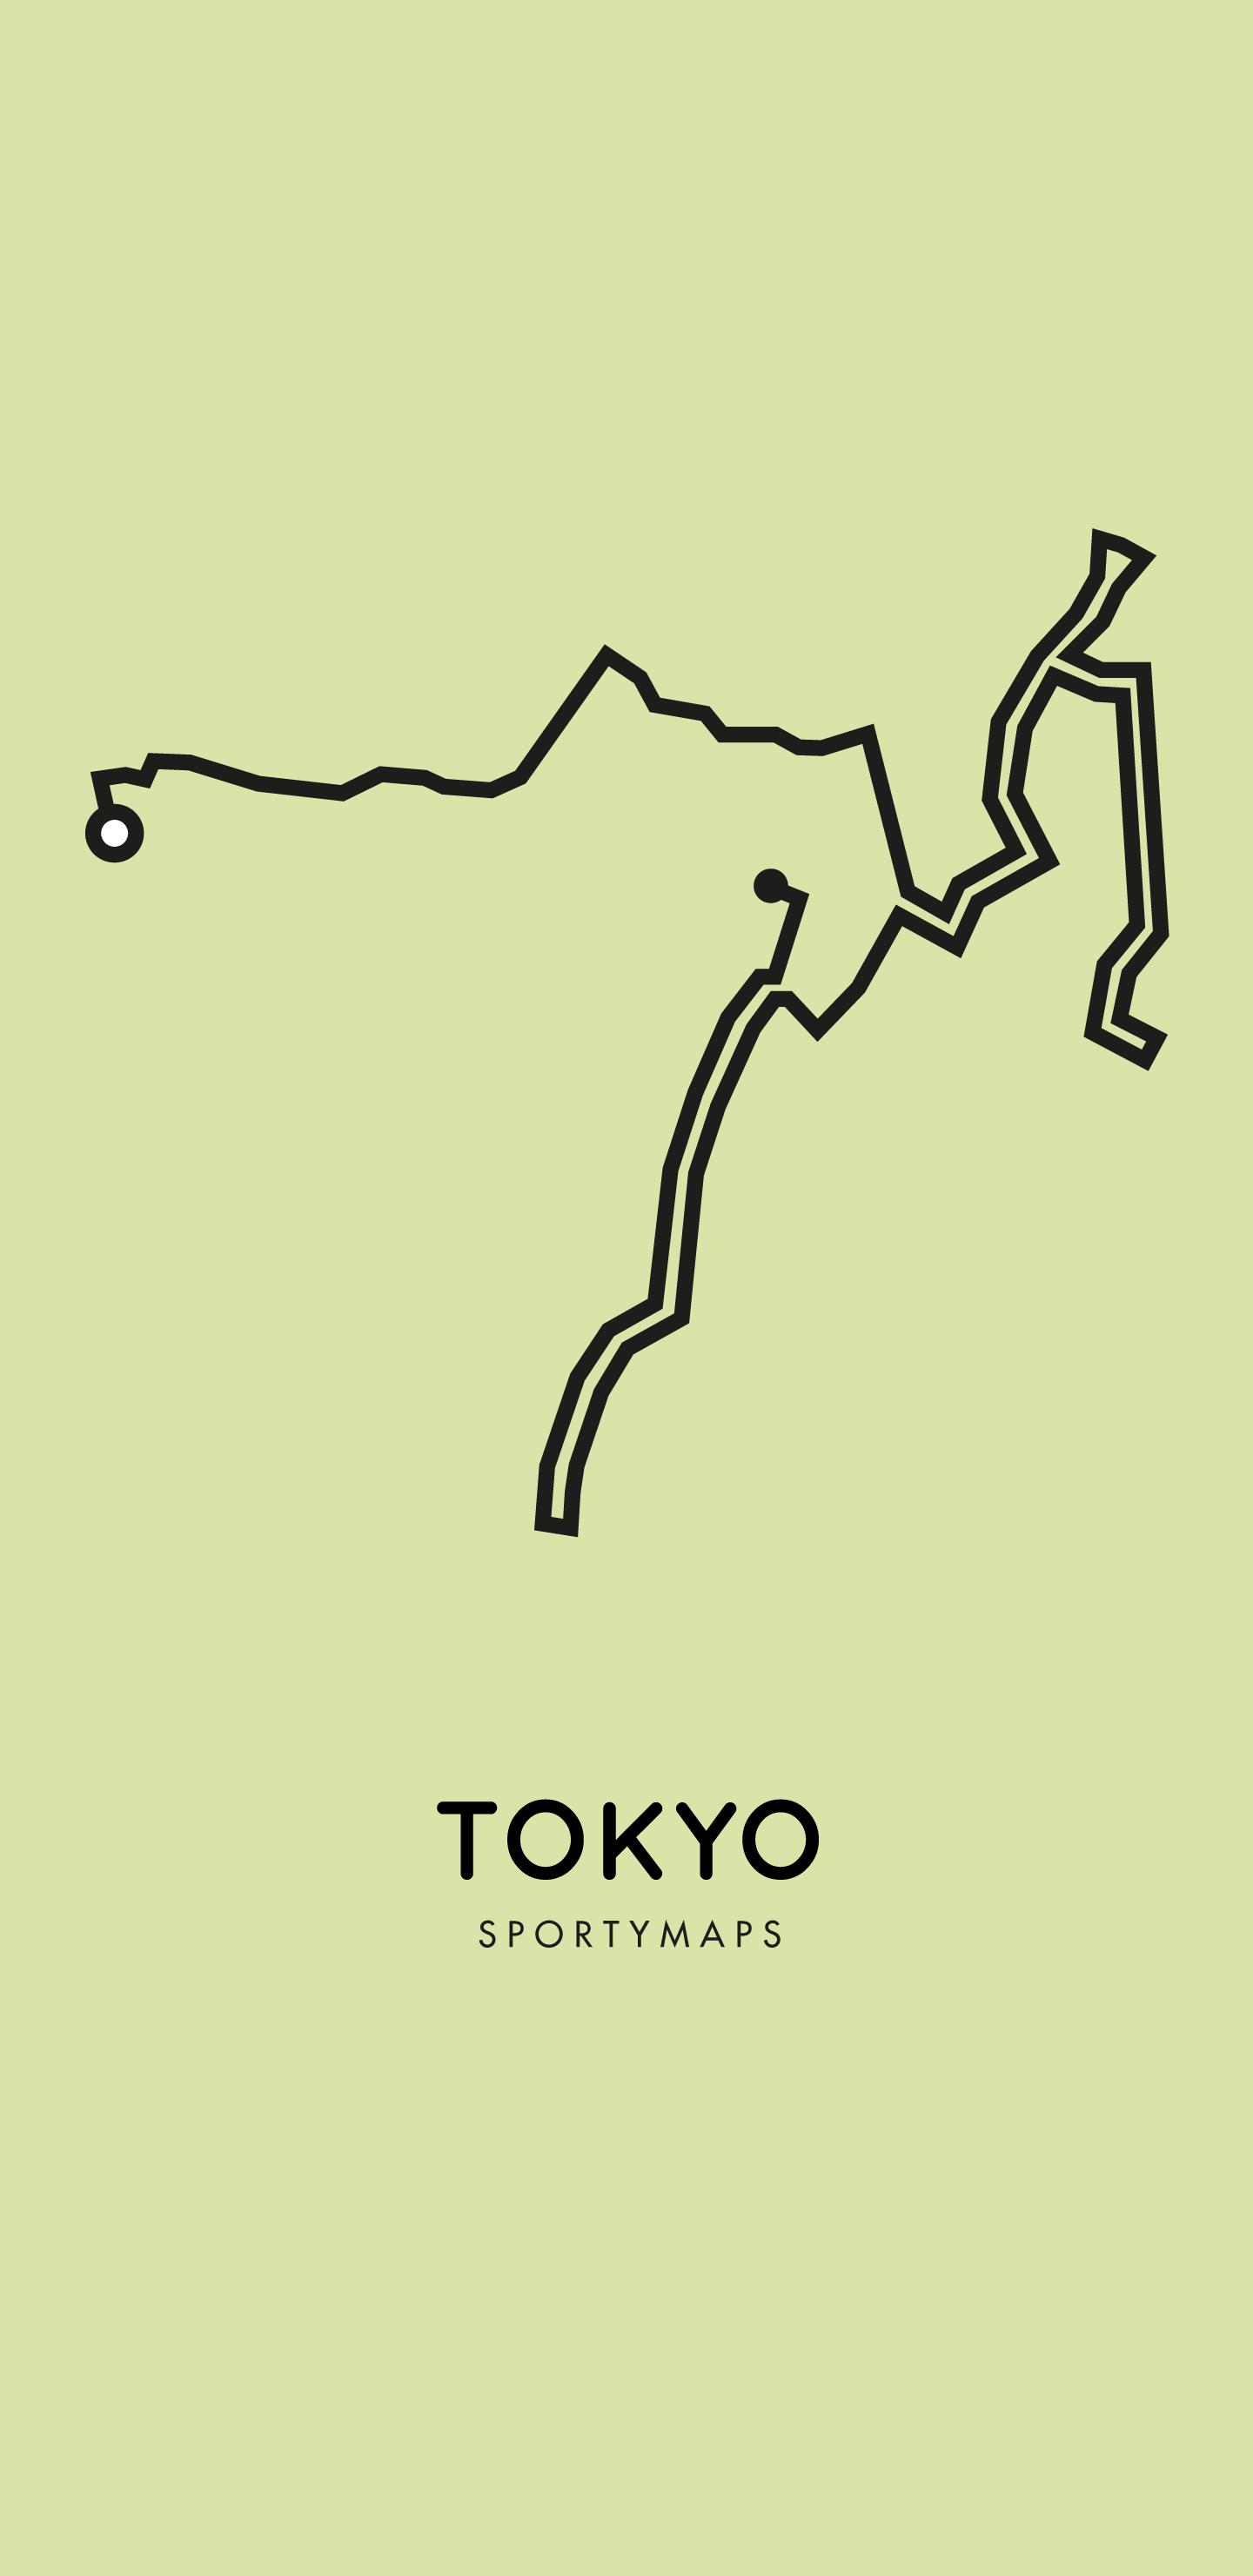 Sportymaps-Tokyo-marathon-green